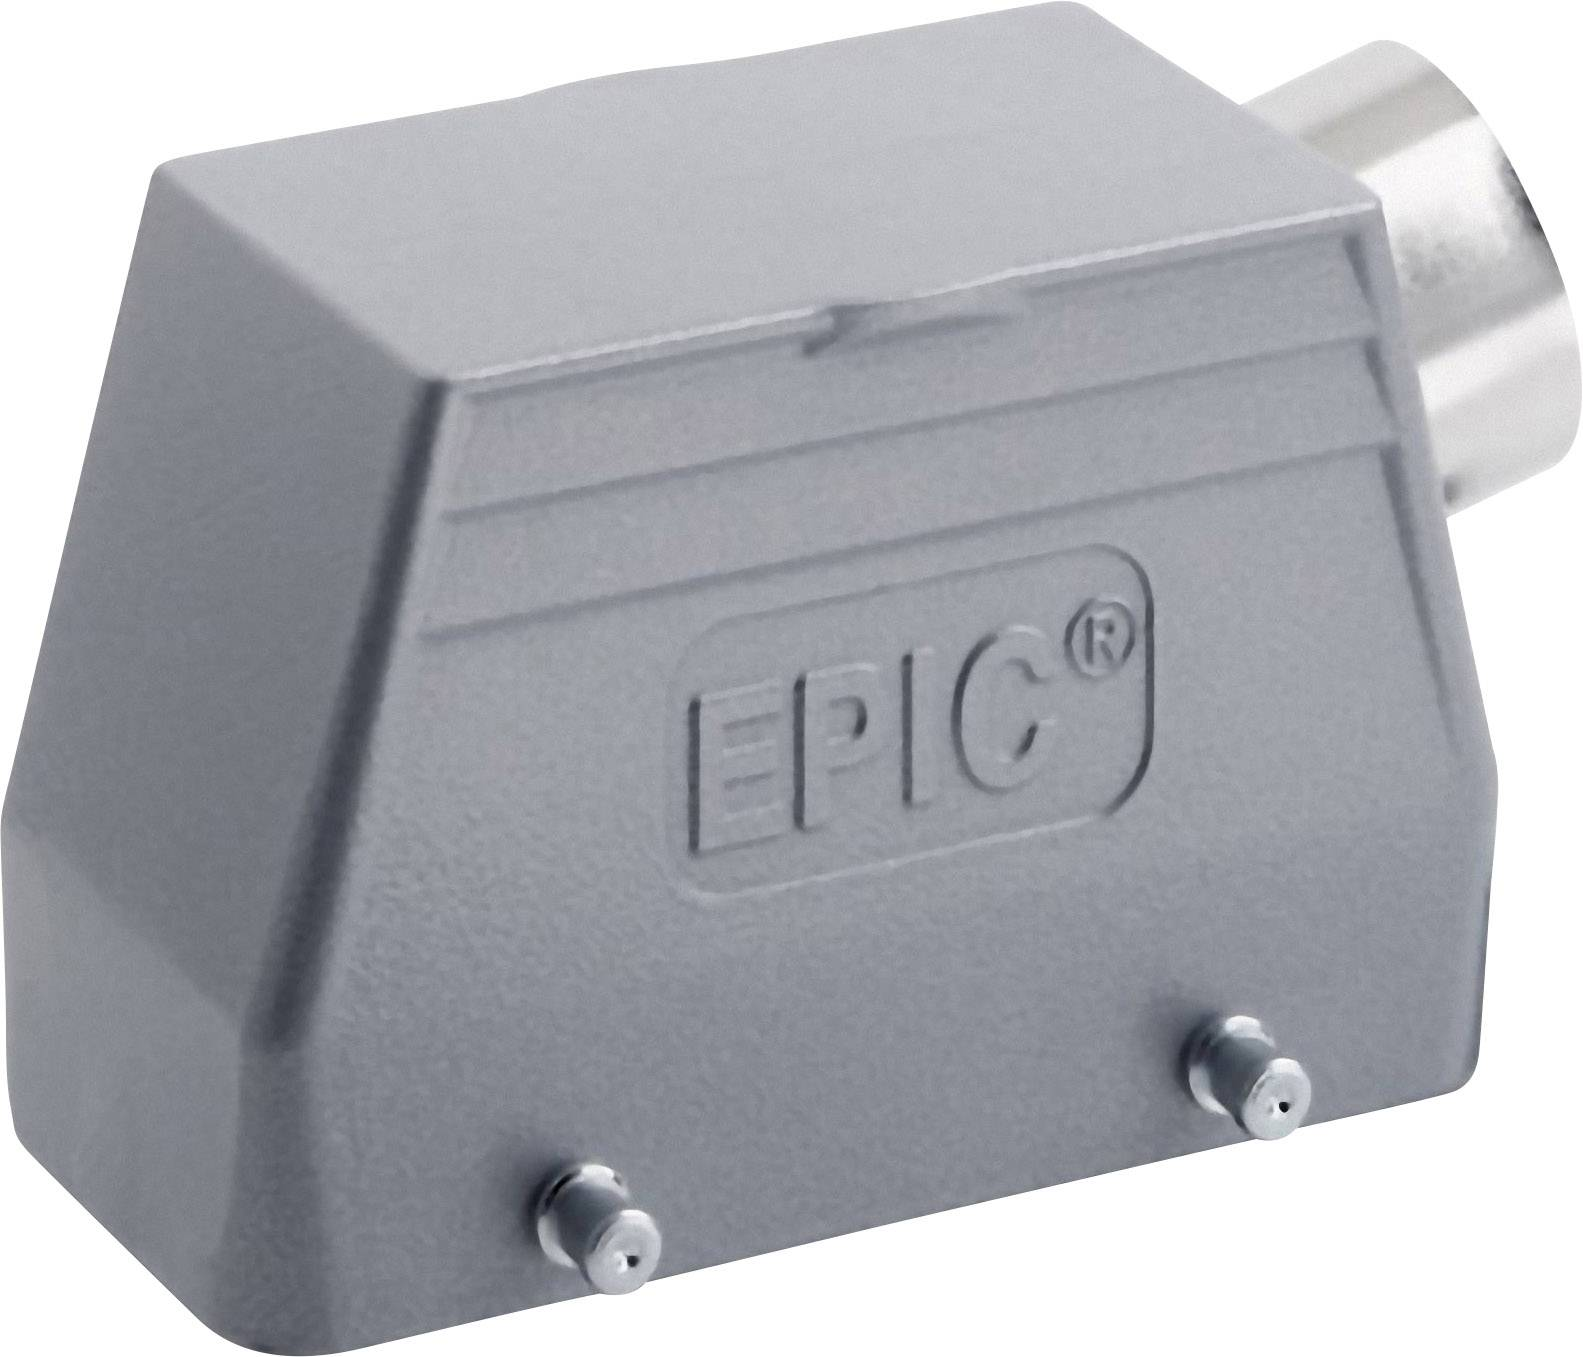 LappKabel EPIC® H-B 16 TS M25 (19082000), M 25, IP65, šedá